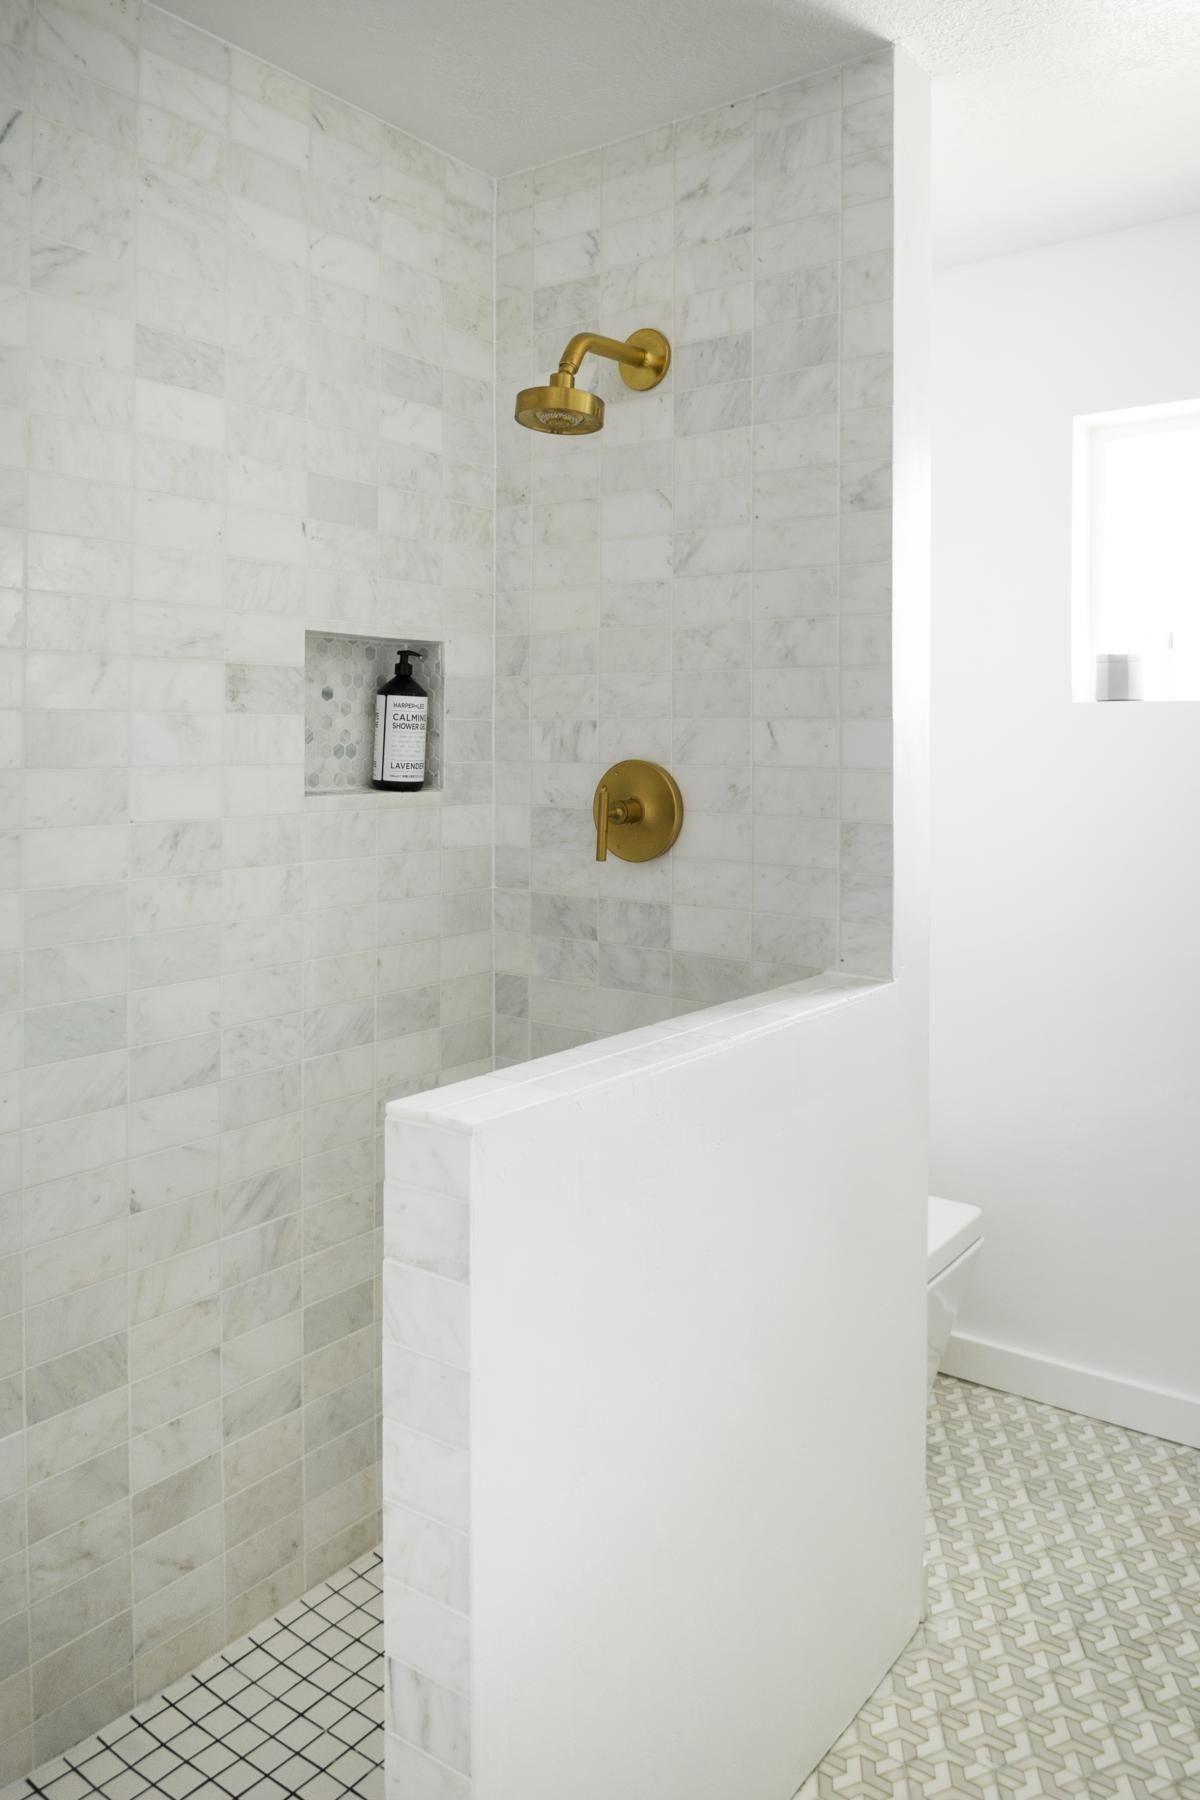 Bathroom Renovations Vermont: Kirsten Grove's Bathroom Renovation Via Simply Grove